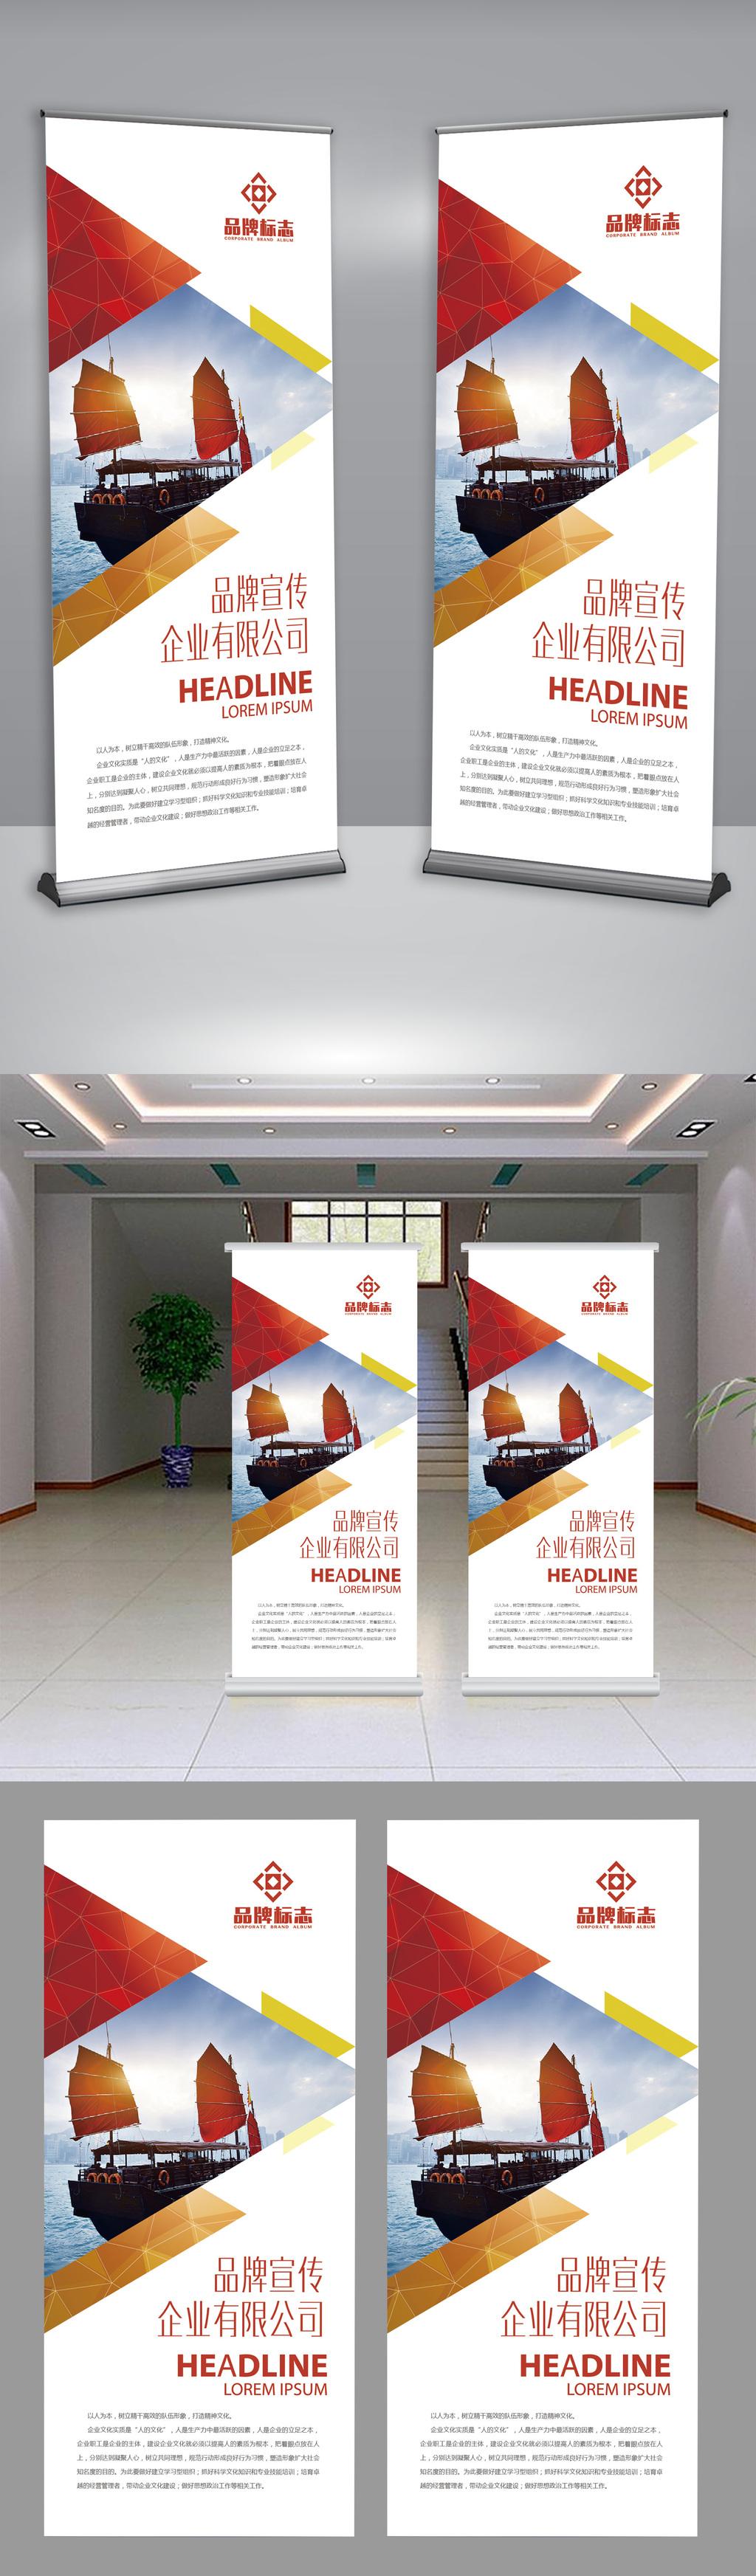 集团文化企业工厂简约宣传易拉宝模板